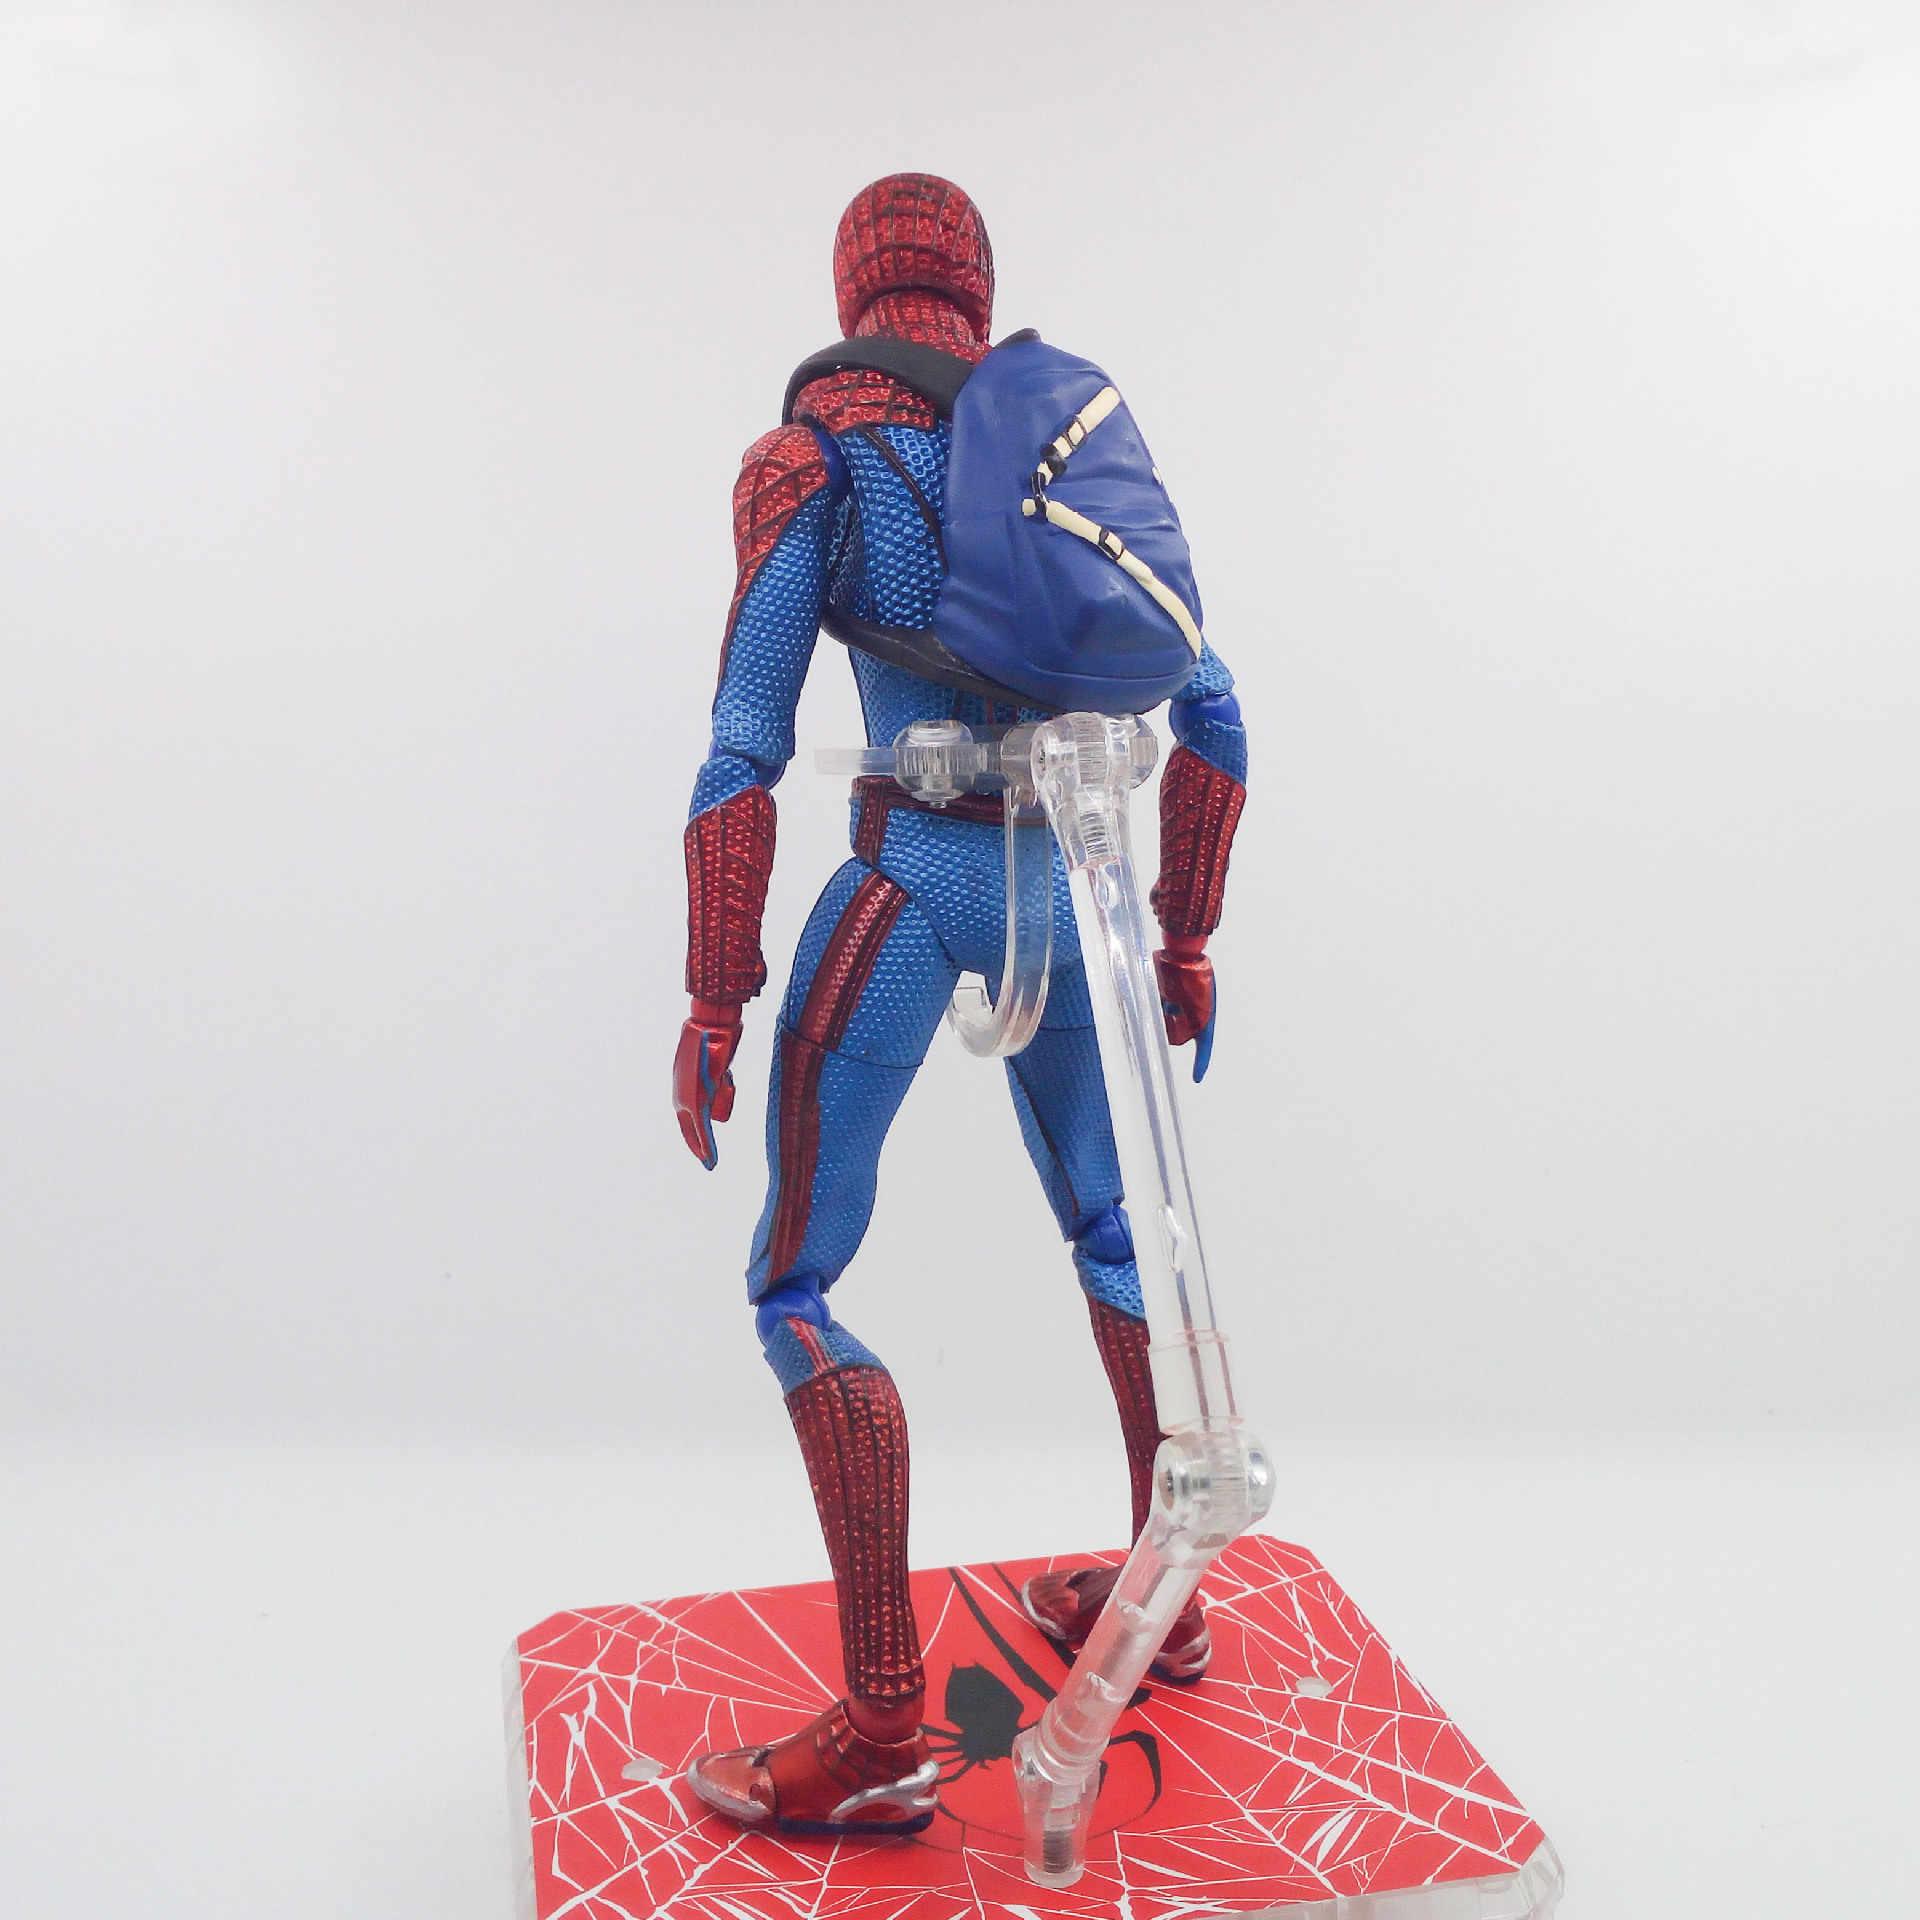 Alta qualidade anime figma figura de ação do homem aranha figura O avanger altifalante melhor crianças brinquedos para meninos